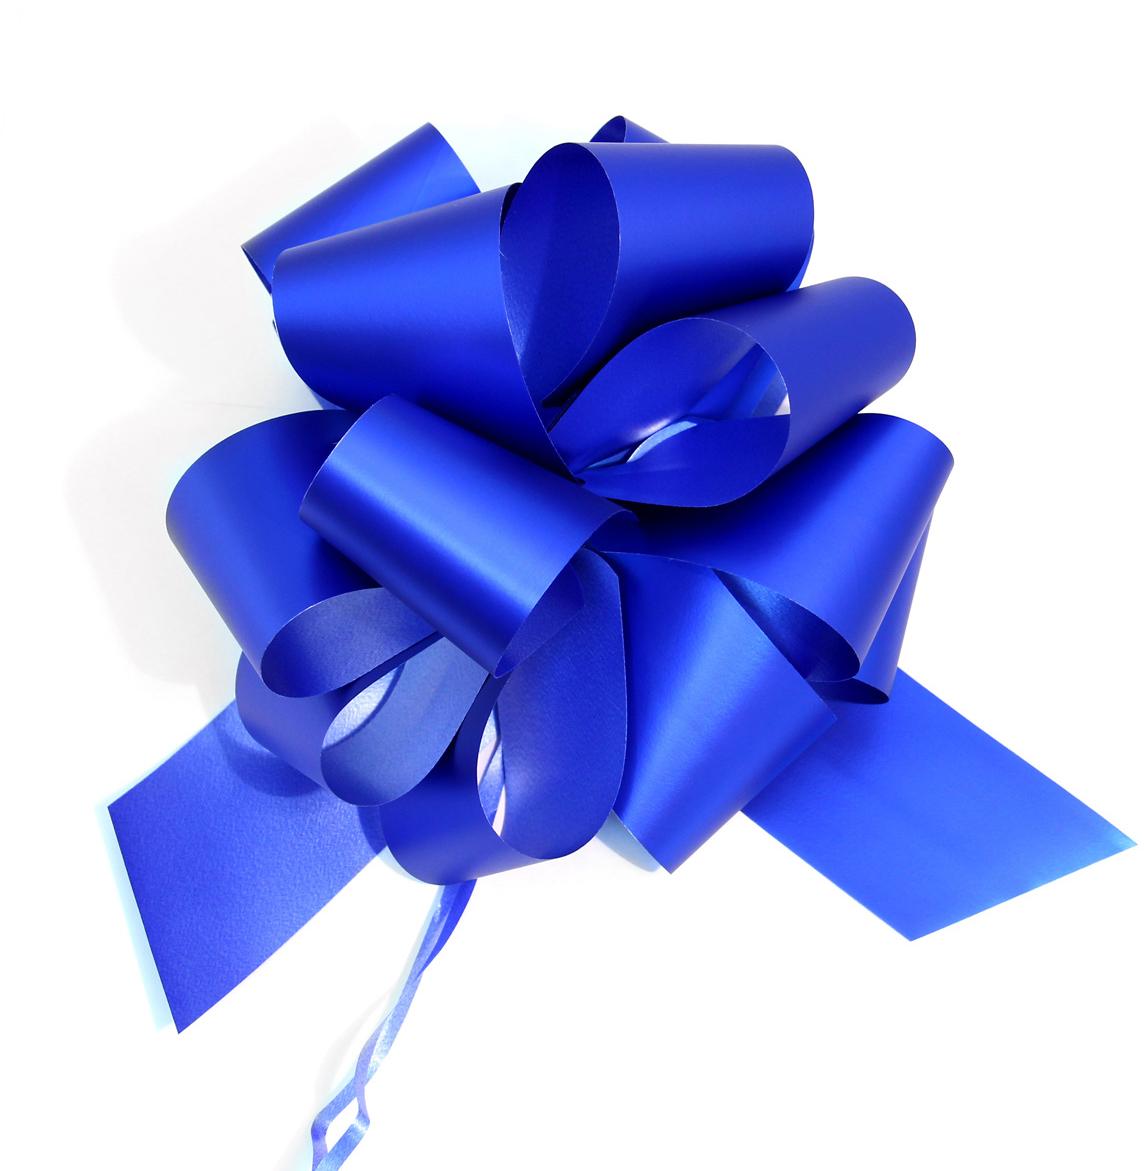 Бант упаковочный Veld-Co Шар, цвет: синий, 5 х 148 см, 10 шт коробка подарочная veld co giftbox трансформер солнечное настроение цвет оранжевый 10 3 х 10 3 х 9 8 см